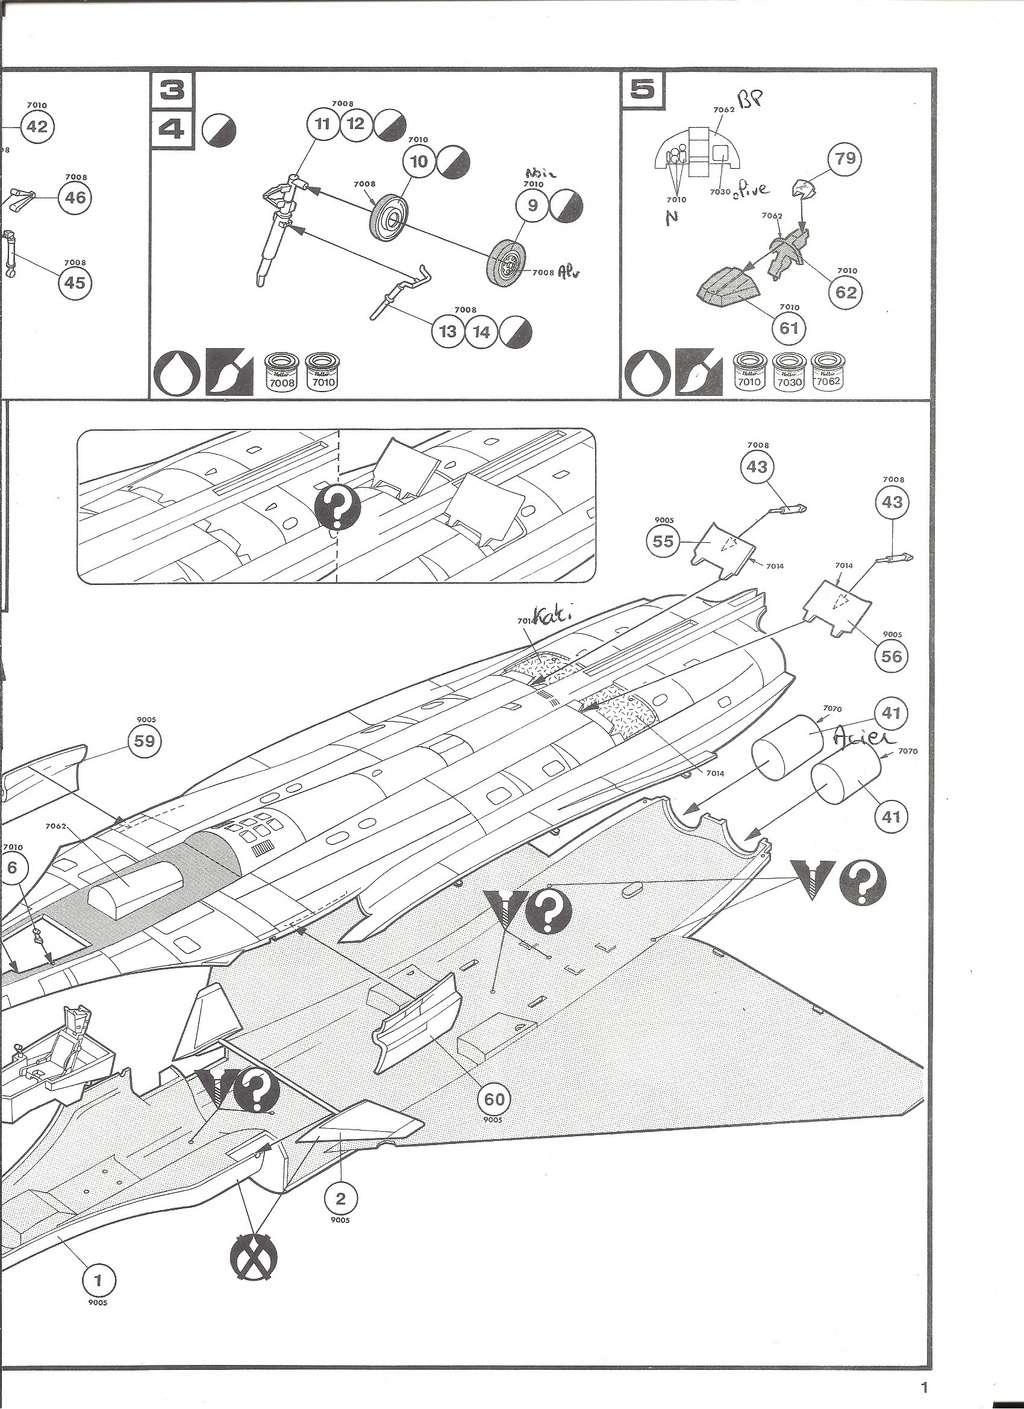 DASSAULT BA RAFALE 1/48ème Ref 80421-Notice Helle520